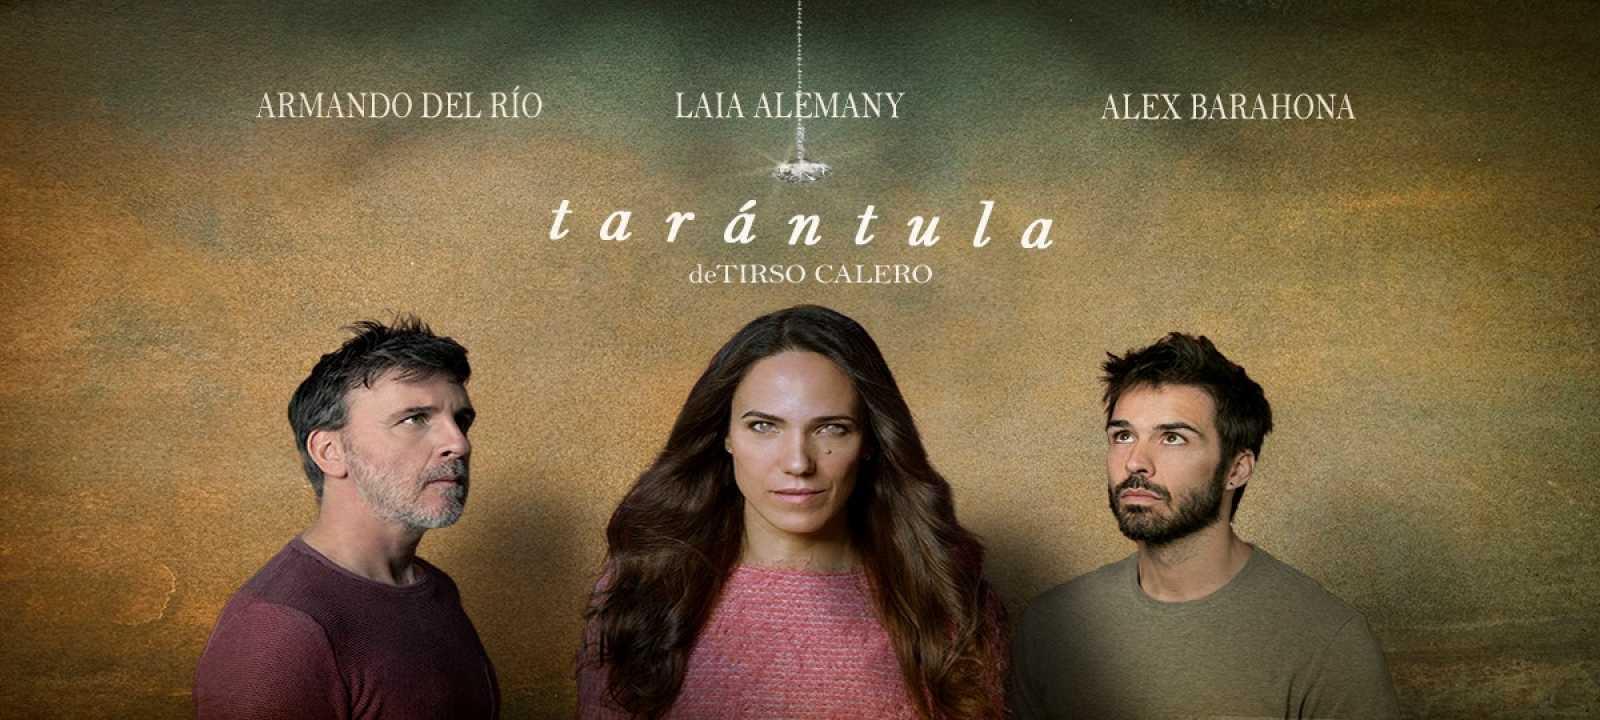 Otros acentos - 'Tarántula', en el Reina Victoria, de Madrid - 04/07/2021 - Escuchar ahora